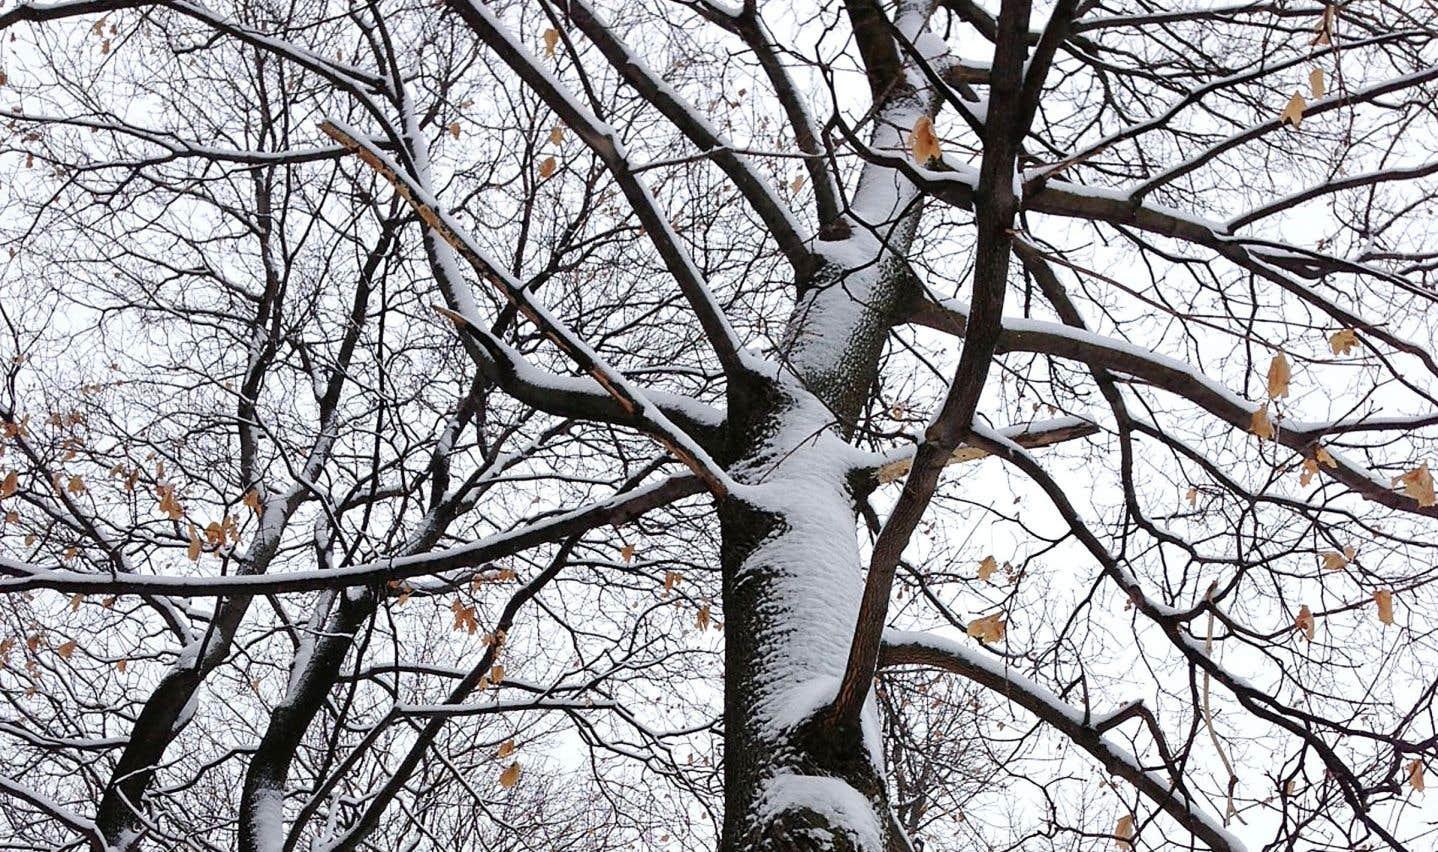 La vie des arbres en milieu urbain est réduite, notamment en raison des tailles sévères qu'ils subissent pour protéger le réseau d'Hydro-Québec.